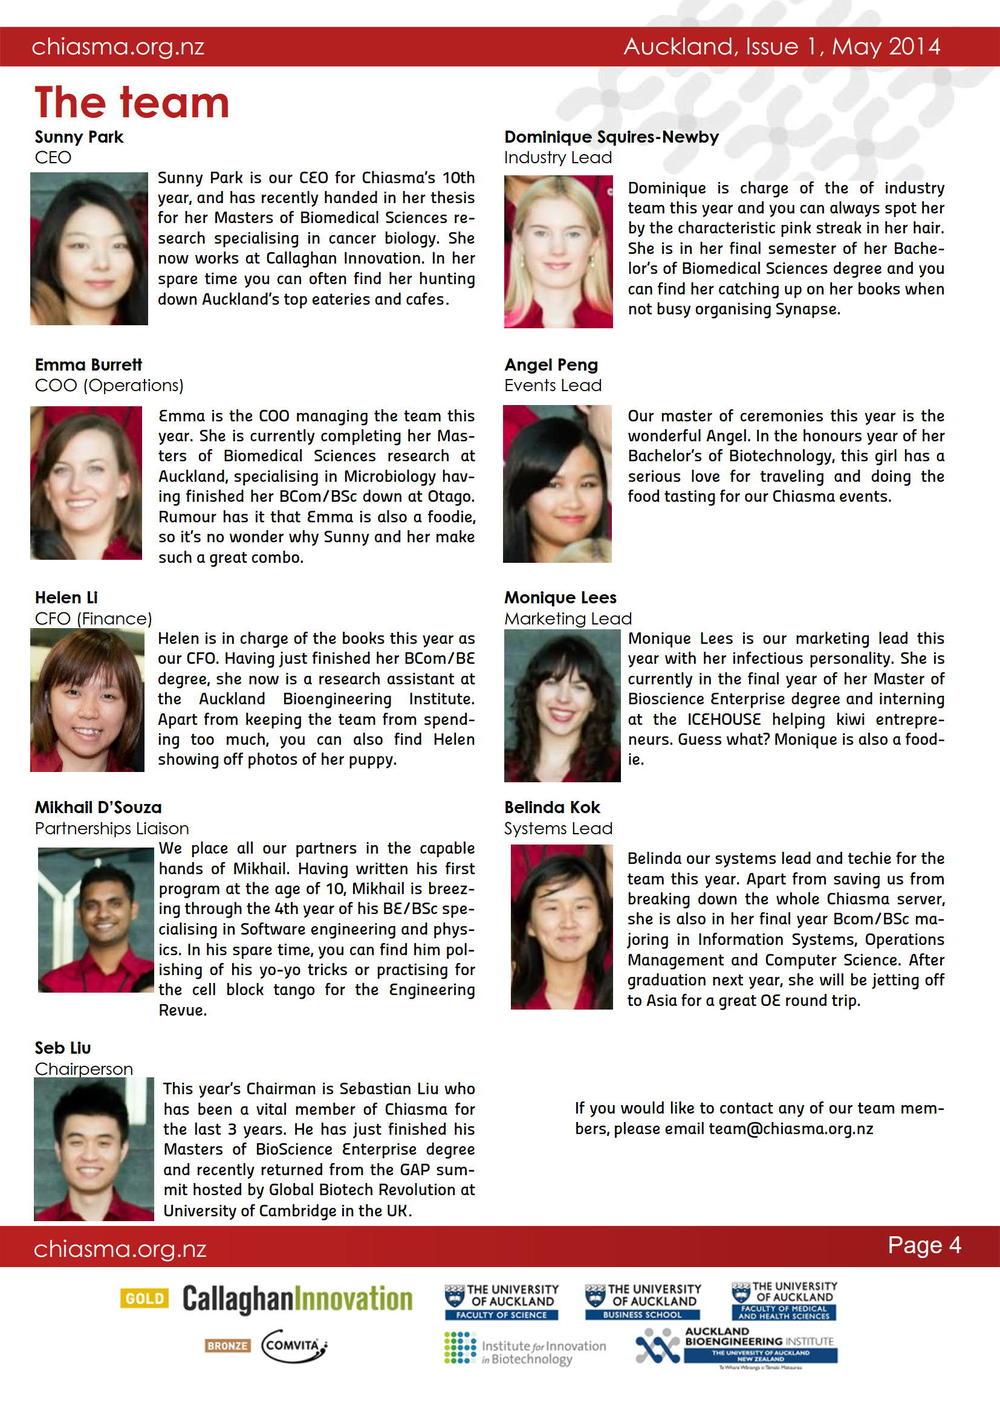 Industry_Newsletter_1_2014_4.jpg